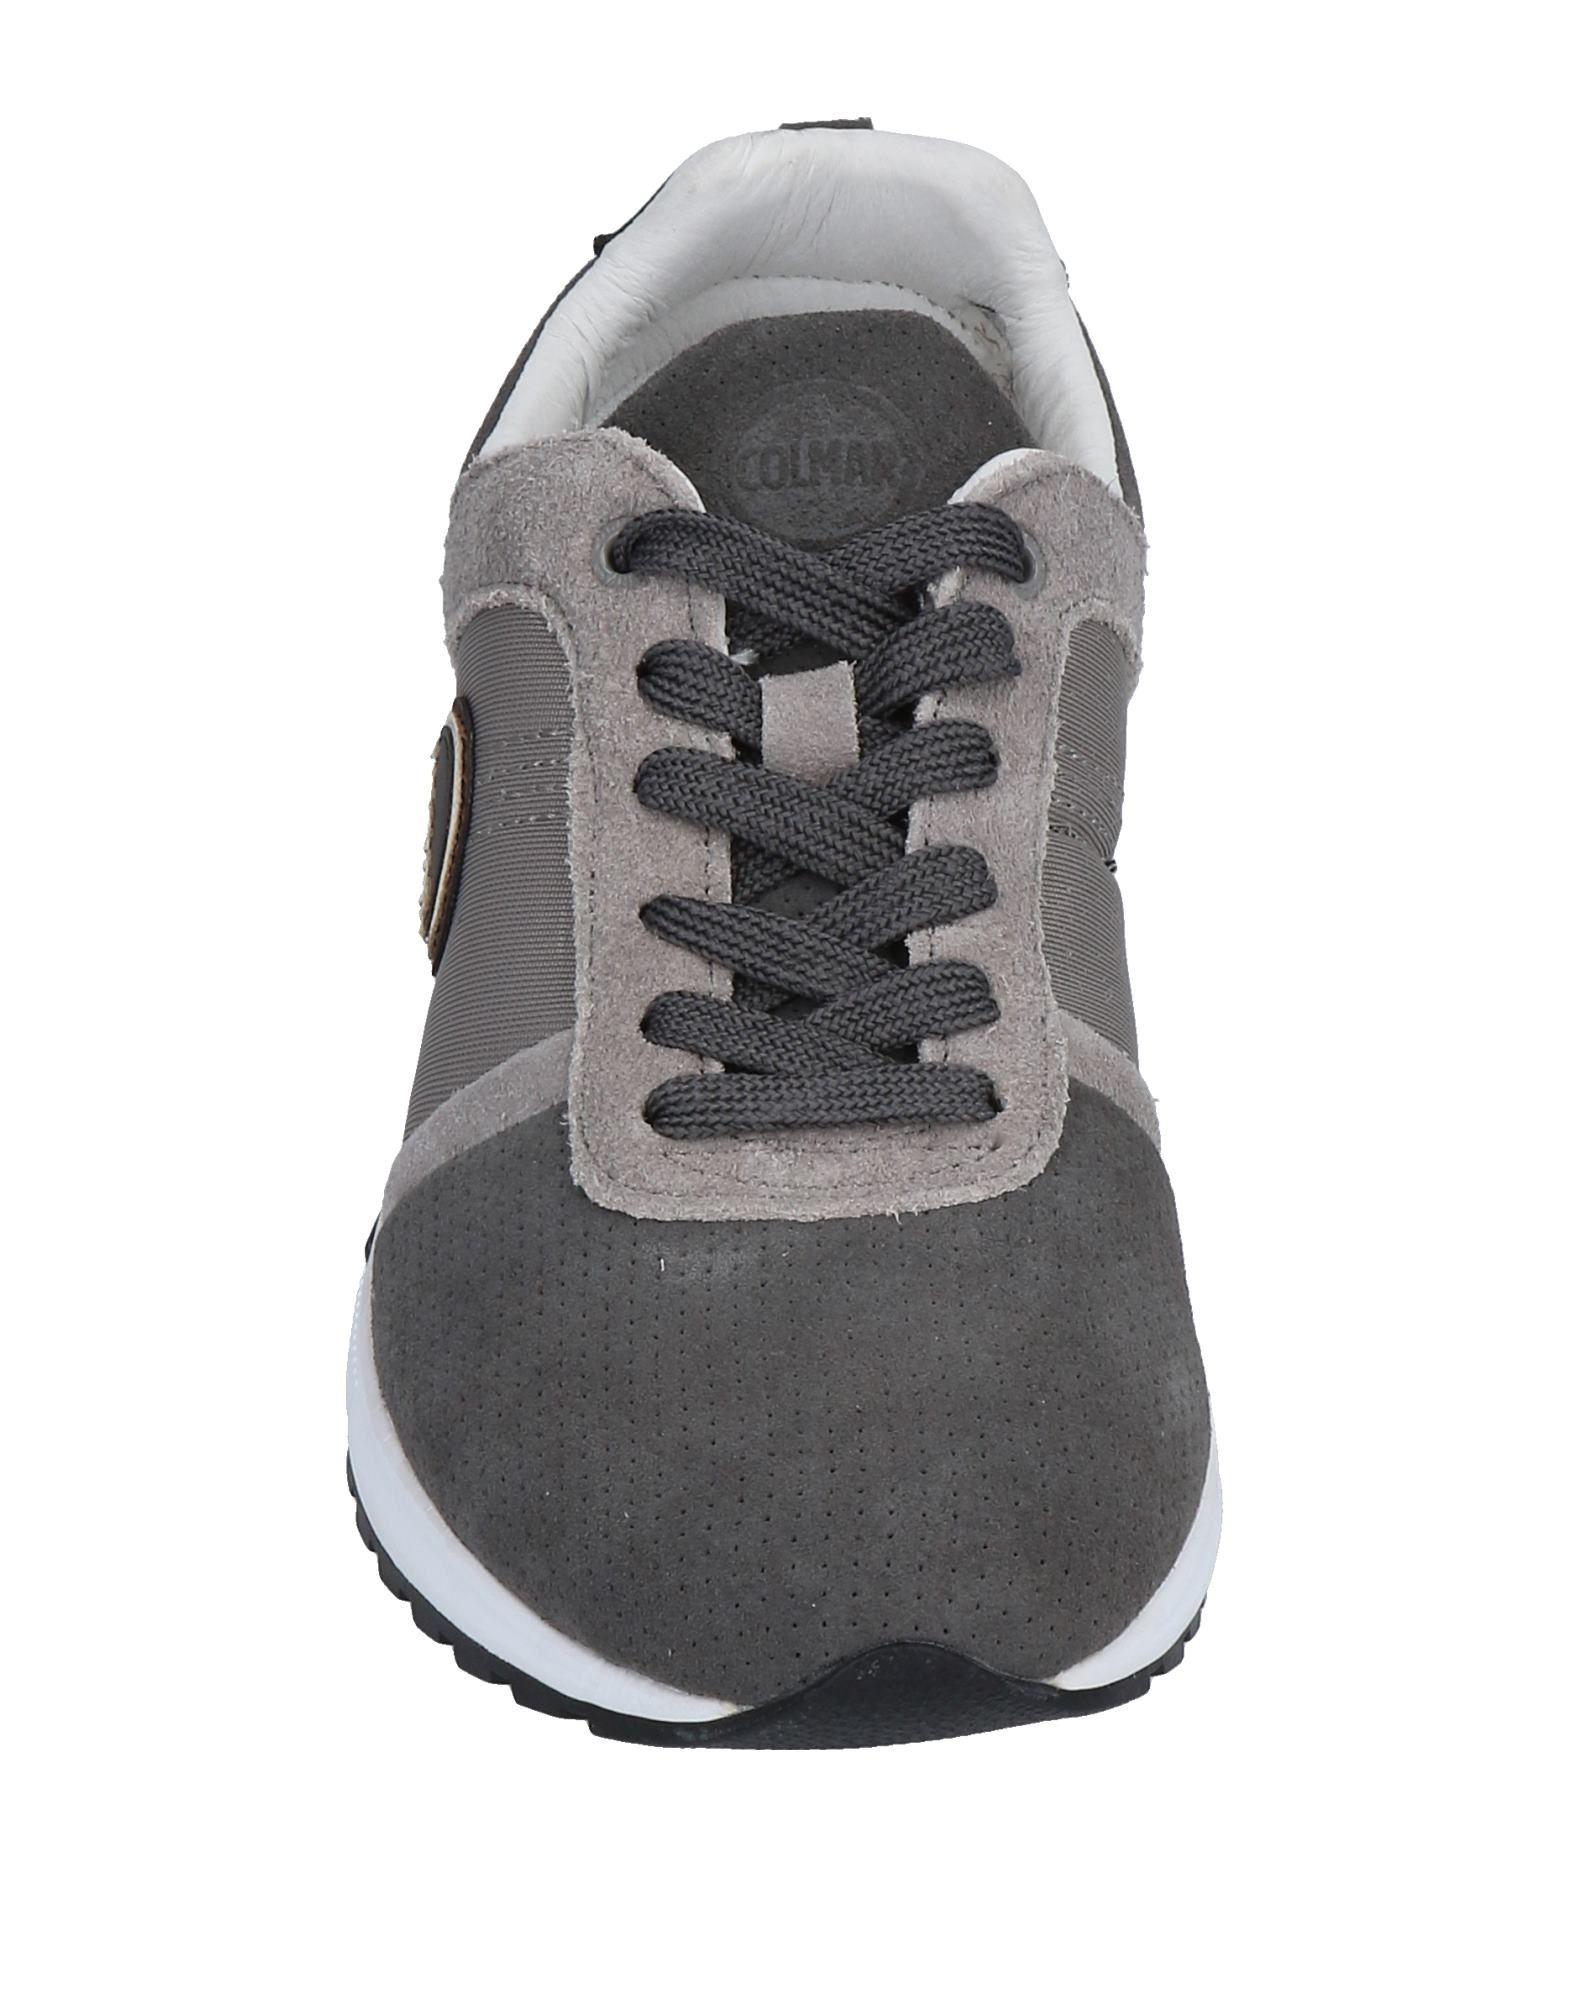 Rabatt echte Schuhe Colmar Sneakers Herren  11483777XU